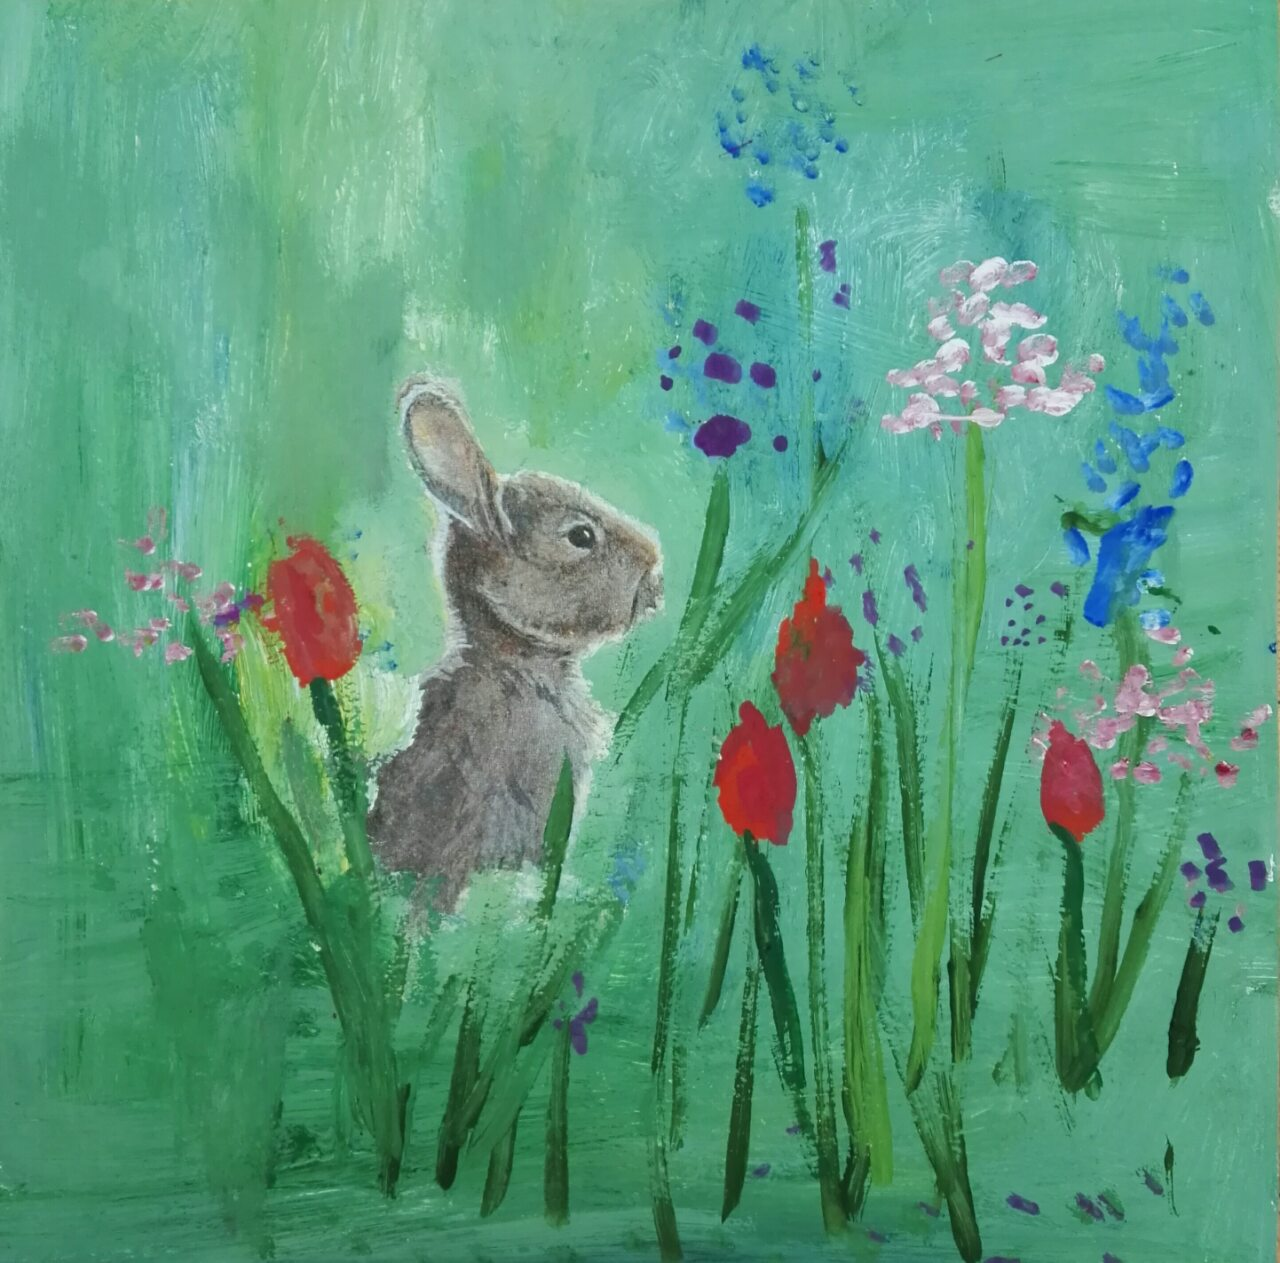 Заяц втраве (1)